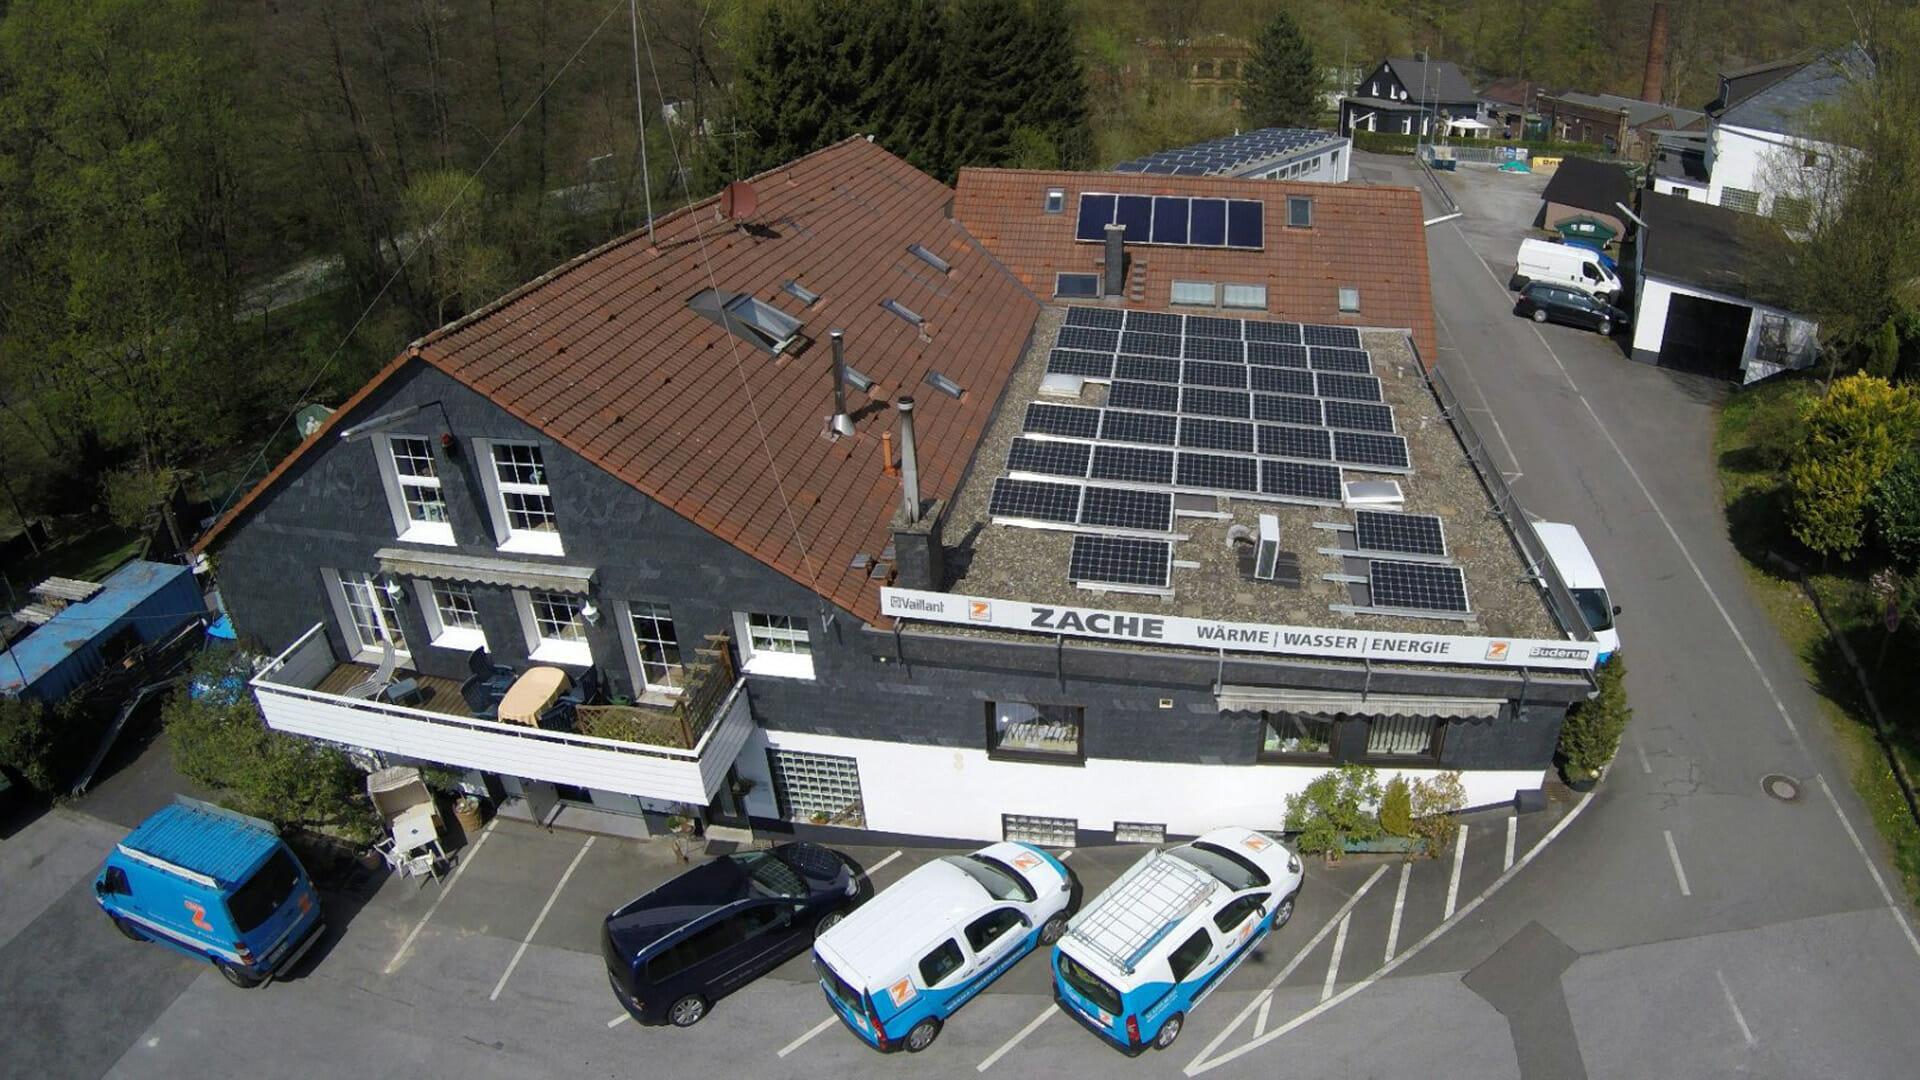 Luftbild vom Fachbetrieb Zache in Remscheid